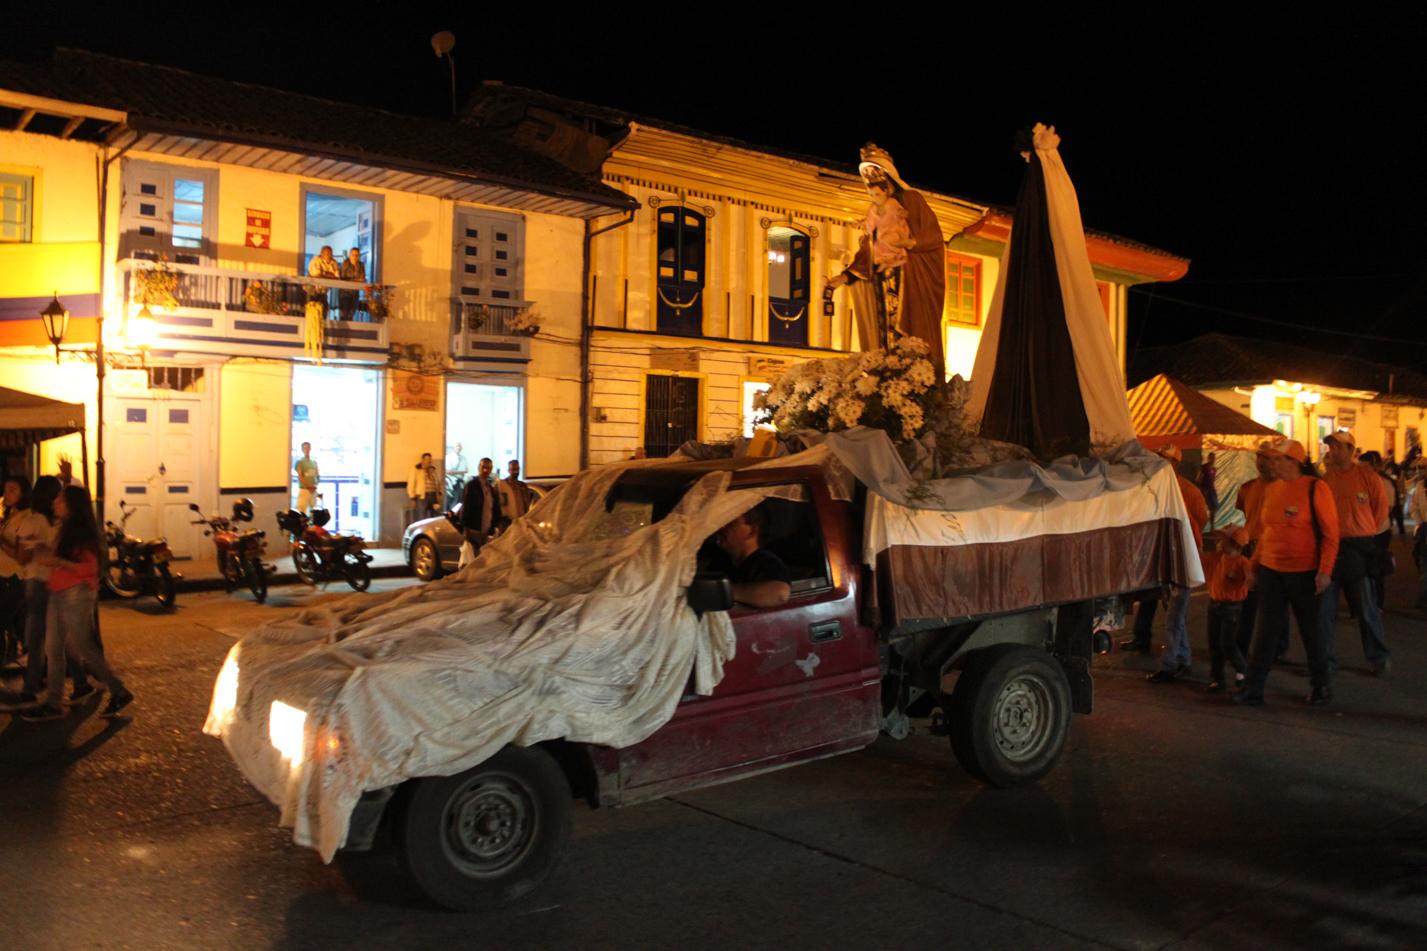 Eines Abends gab es eine Prozession um den Dorfplatz. Hier ist das Transportmobil für die Heiligenstatuen zu sehen. Wer sollte diese denn auch tragen... Der Einsatz von diesem Mobil, bei dem Transport der Maria nach Rosenthal, scheitert wohl daran, dass die Druschkas noch keinen Führerschein haben.